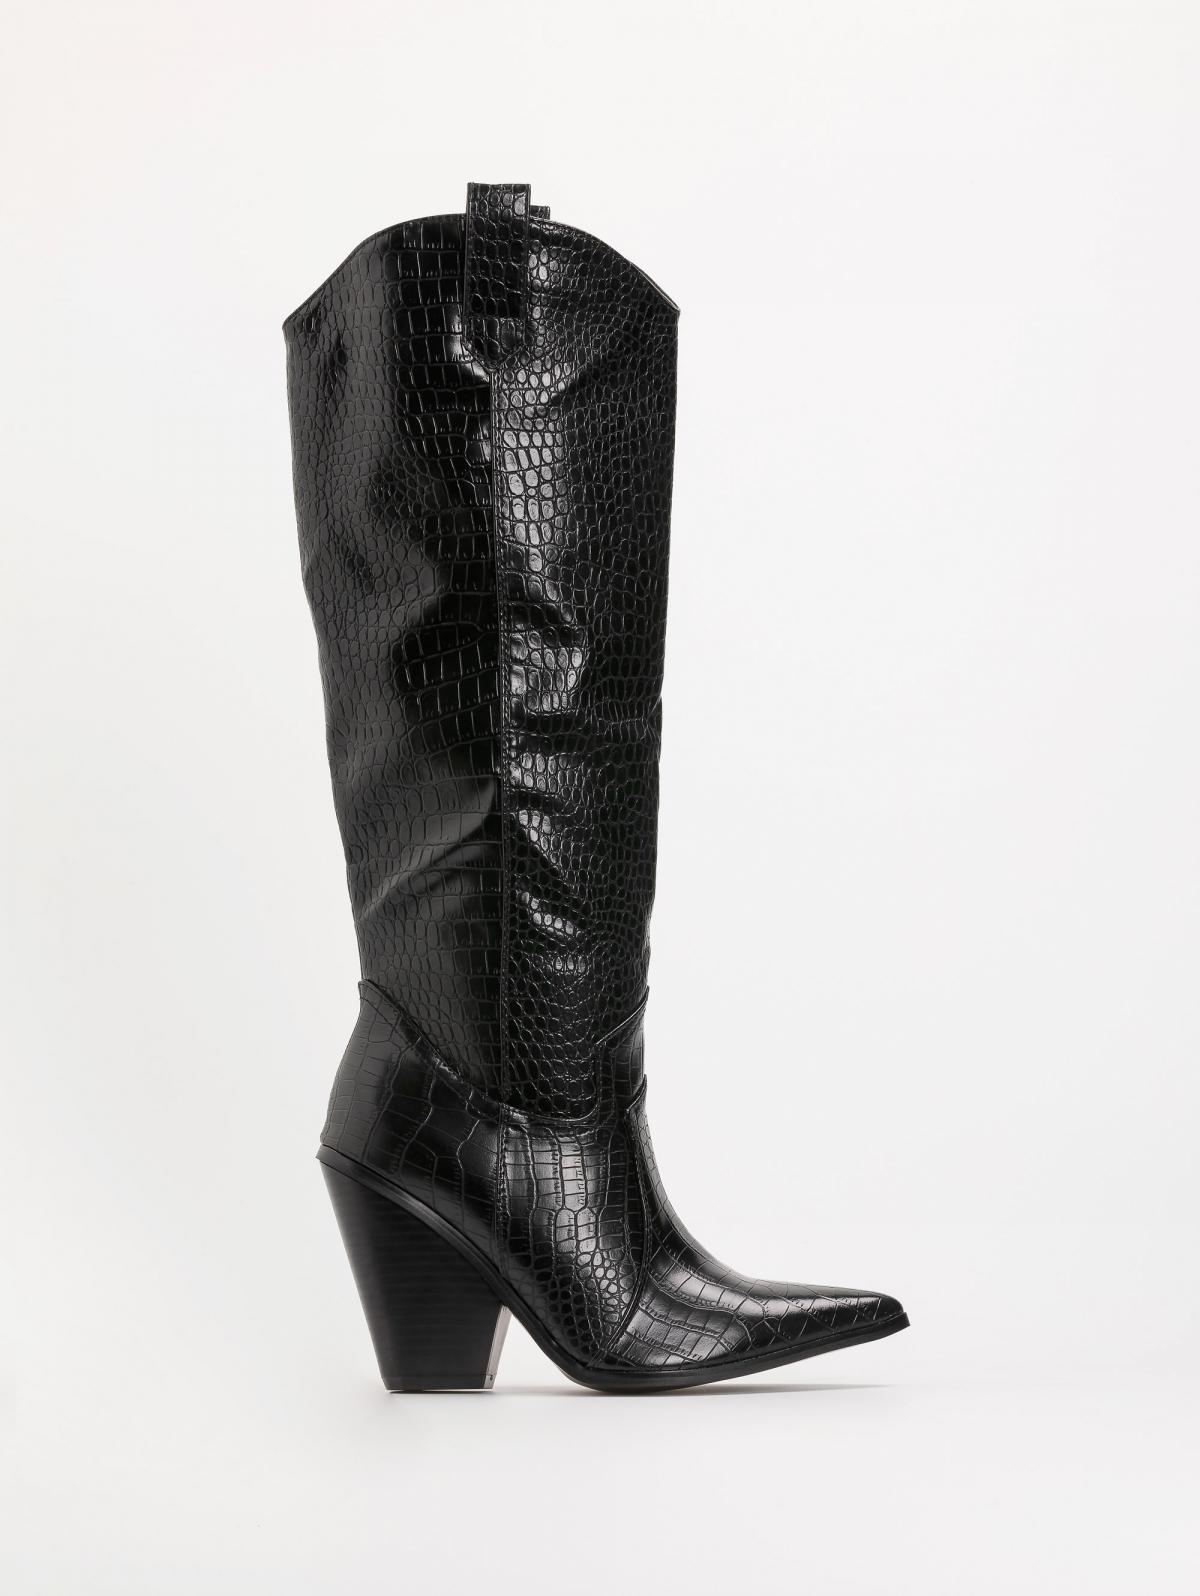 Κροκό μπότες με καουμπόικο τακούνι - Μαύρο